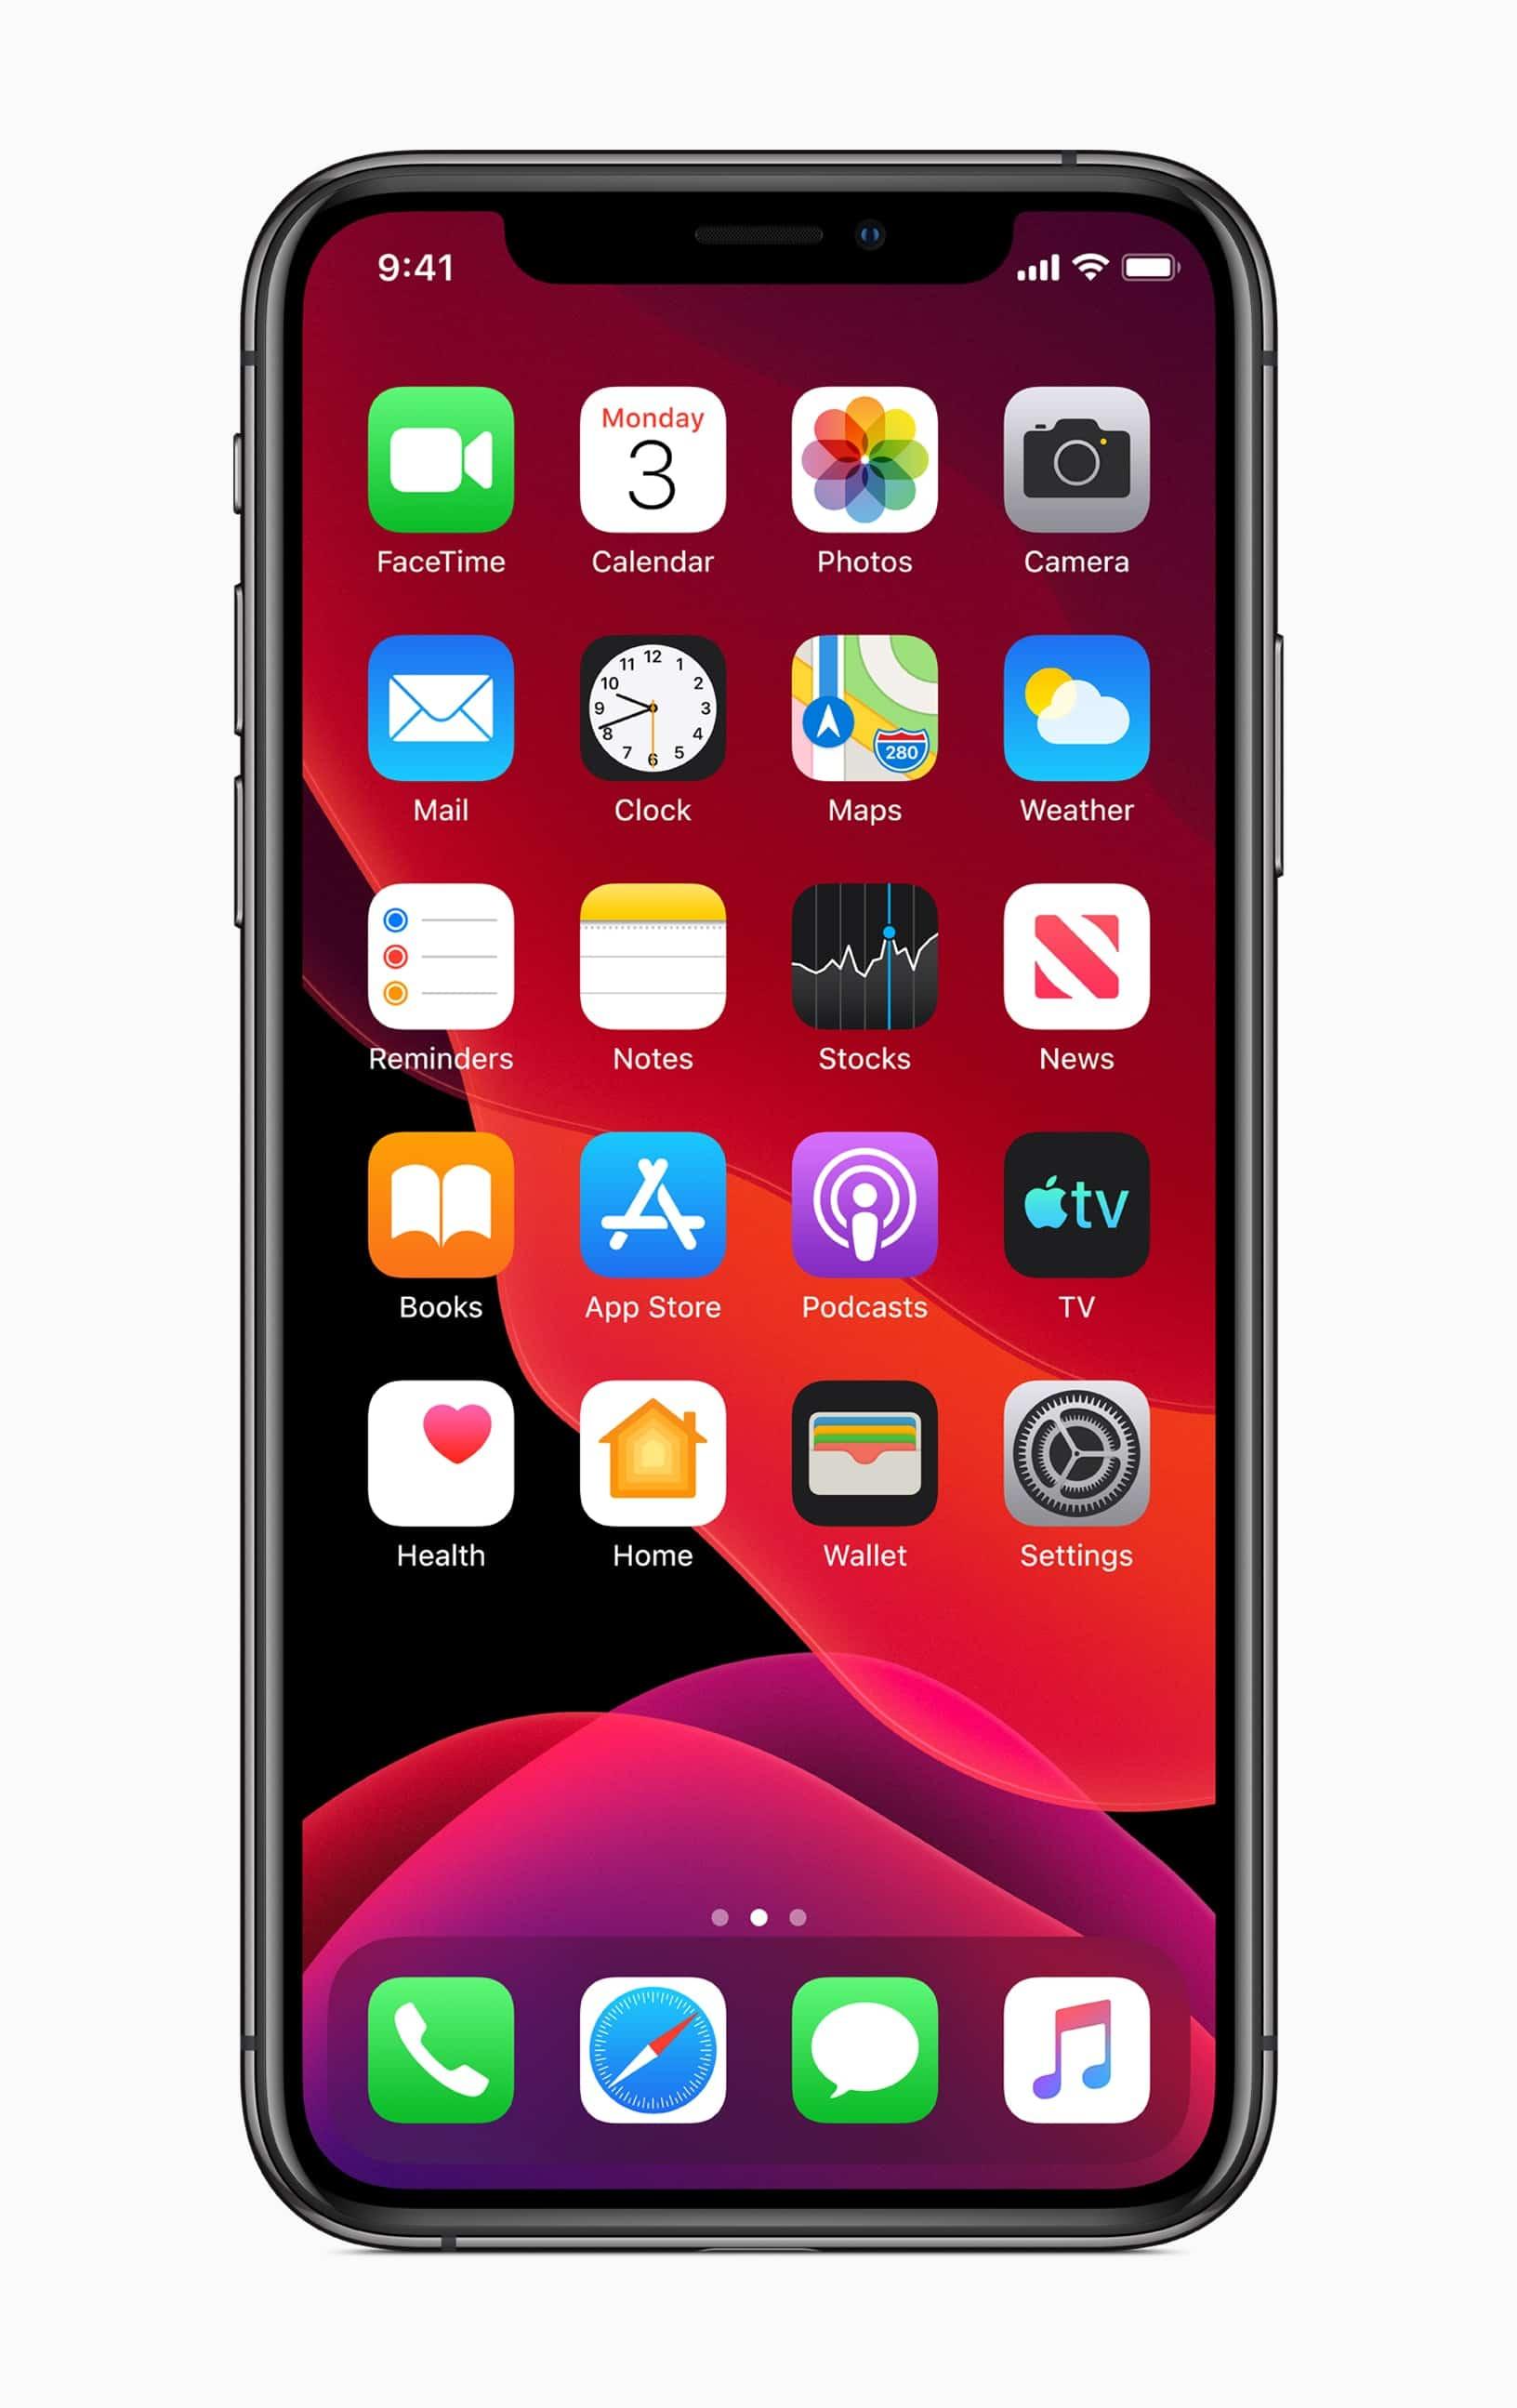 Tela inicial do iOS 13 num iPhone XS Max